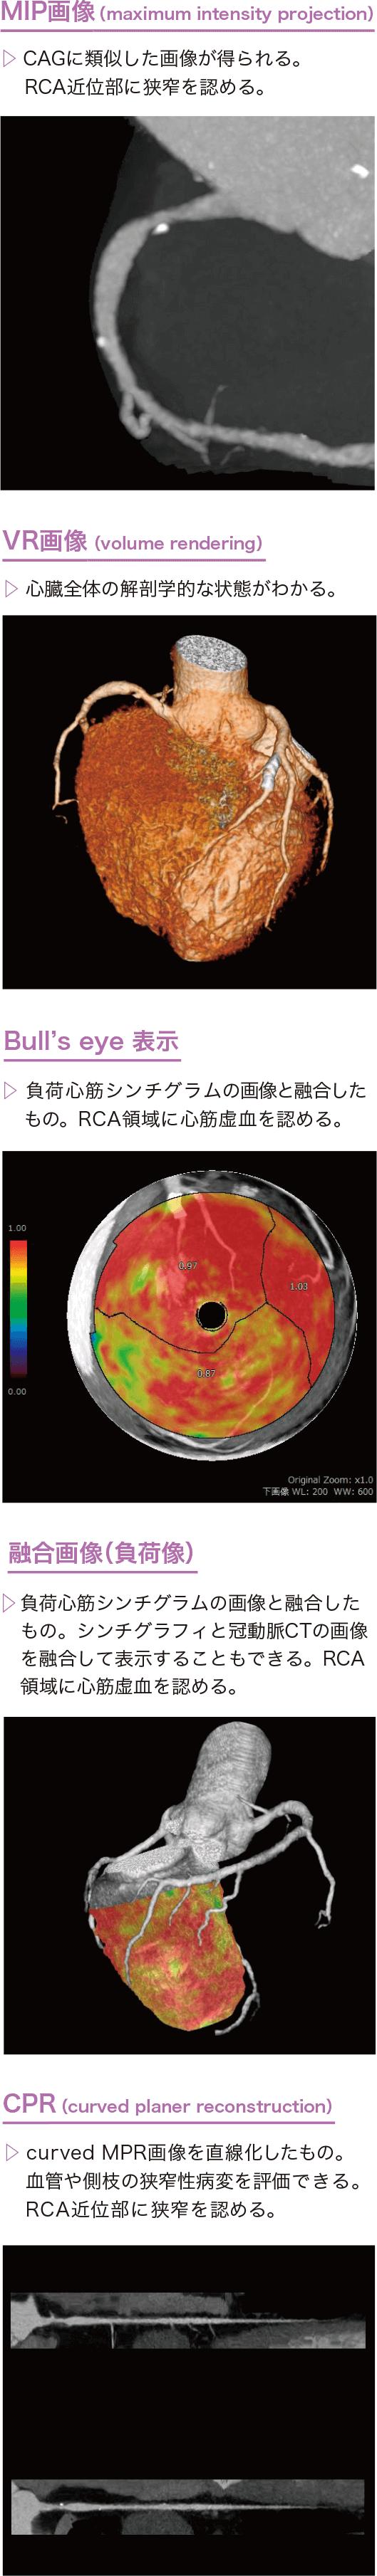 CT画像の例